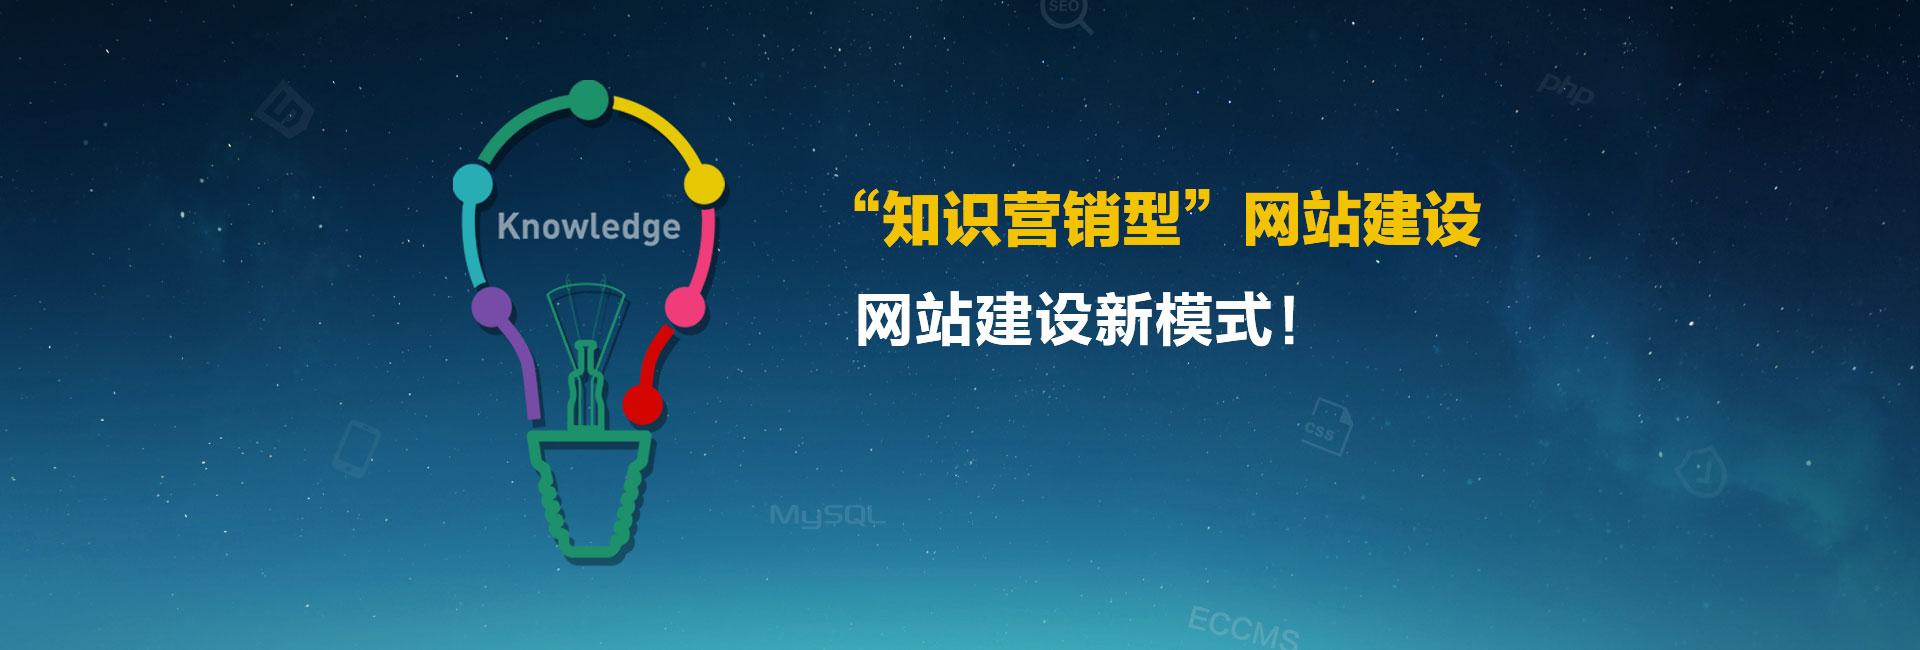 郑州知识营销型网站建设